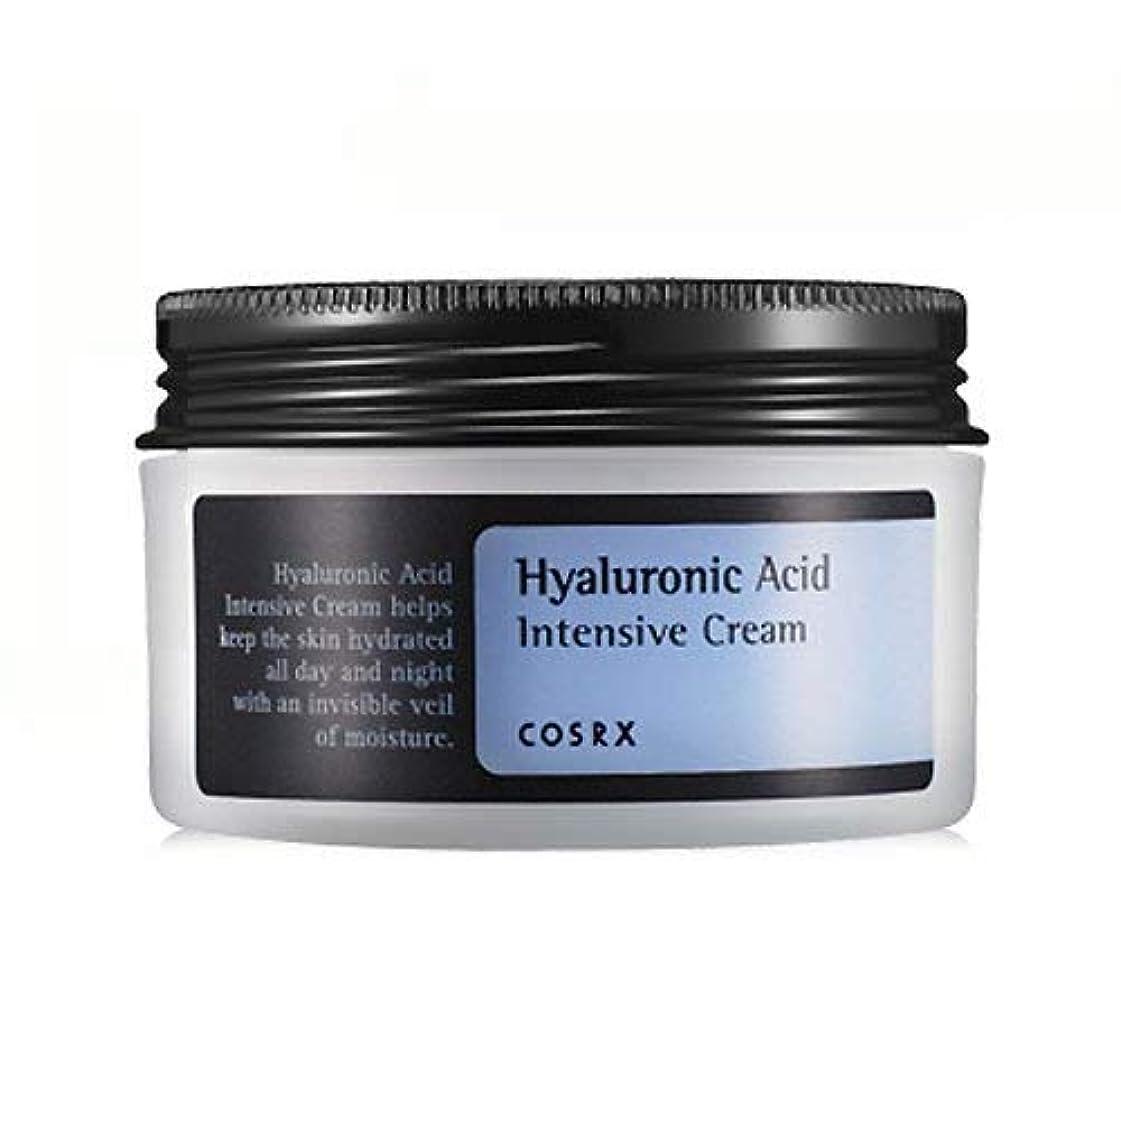 部分バーベキュー胆嚢COSRX Hyaluronic Acid Intensive Cream 100g/Korea Cosmetics [並行輸入品]